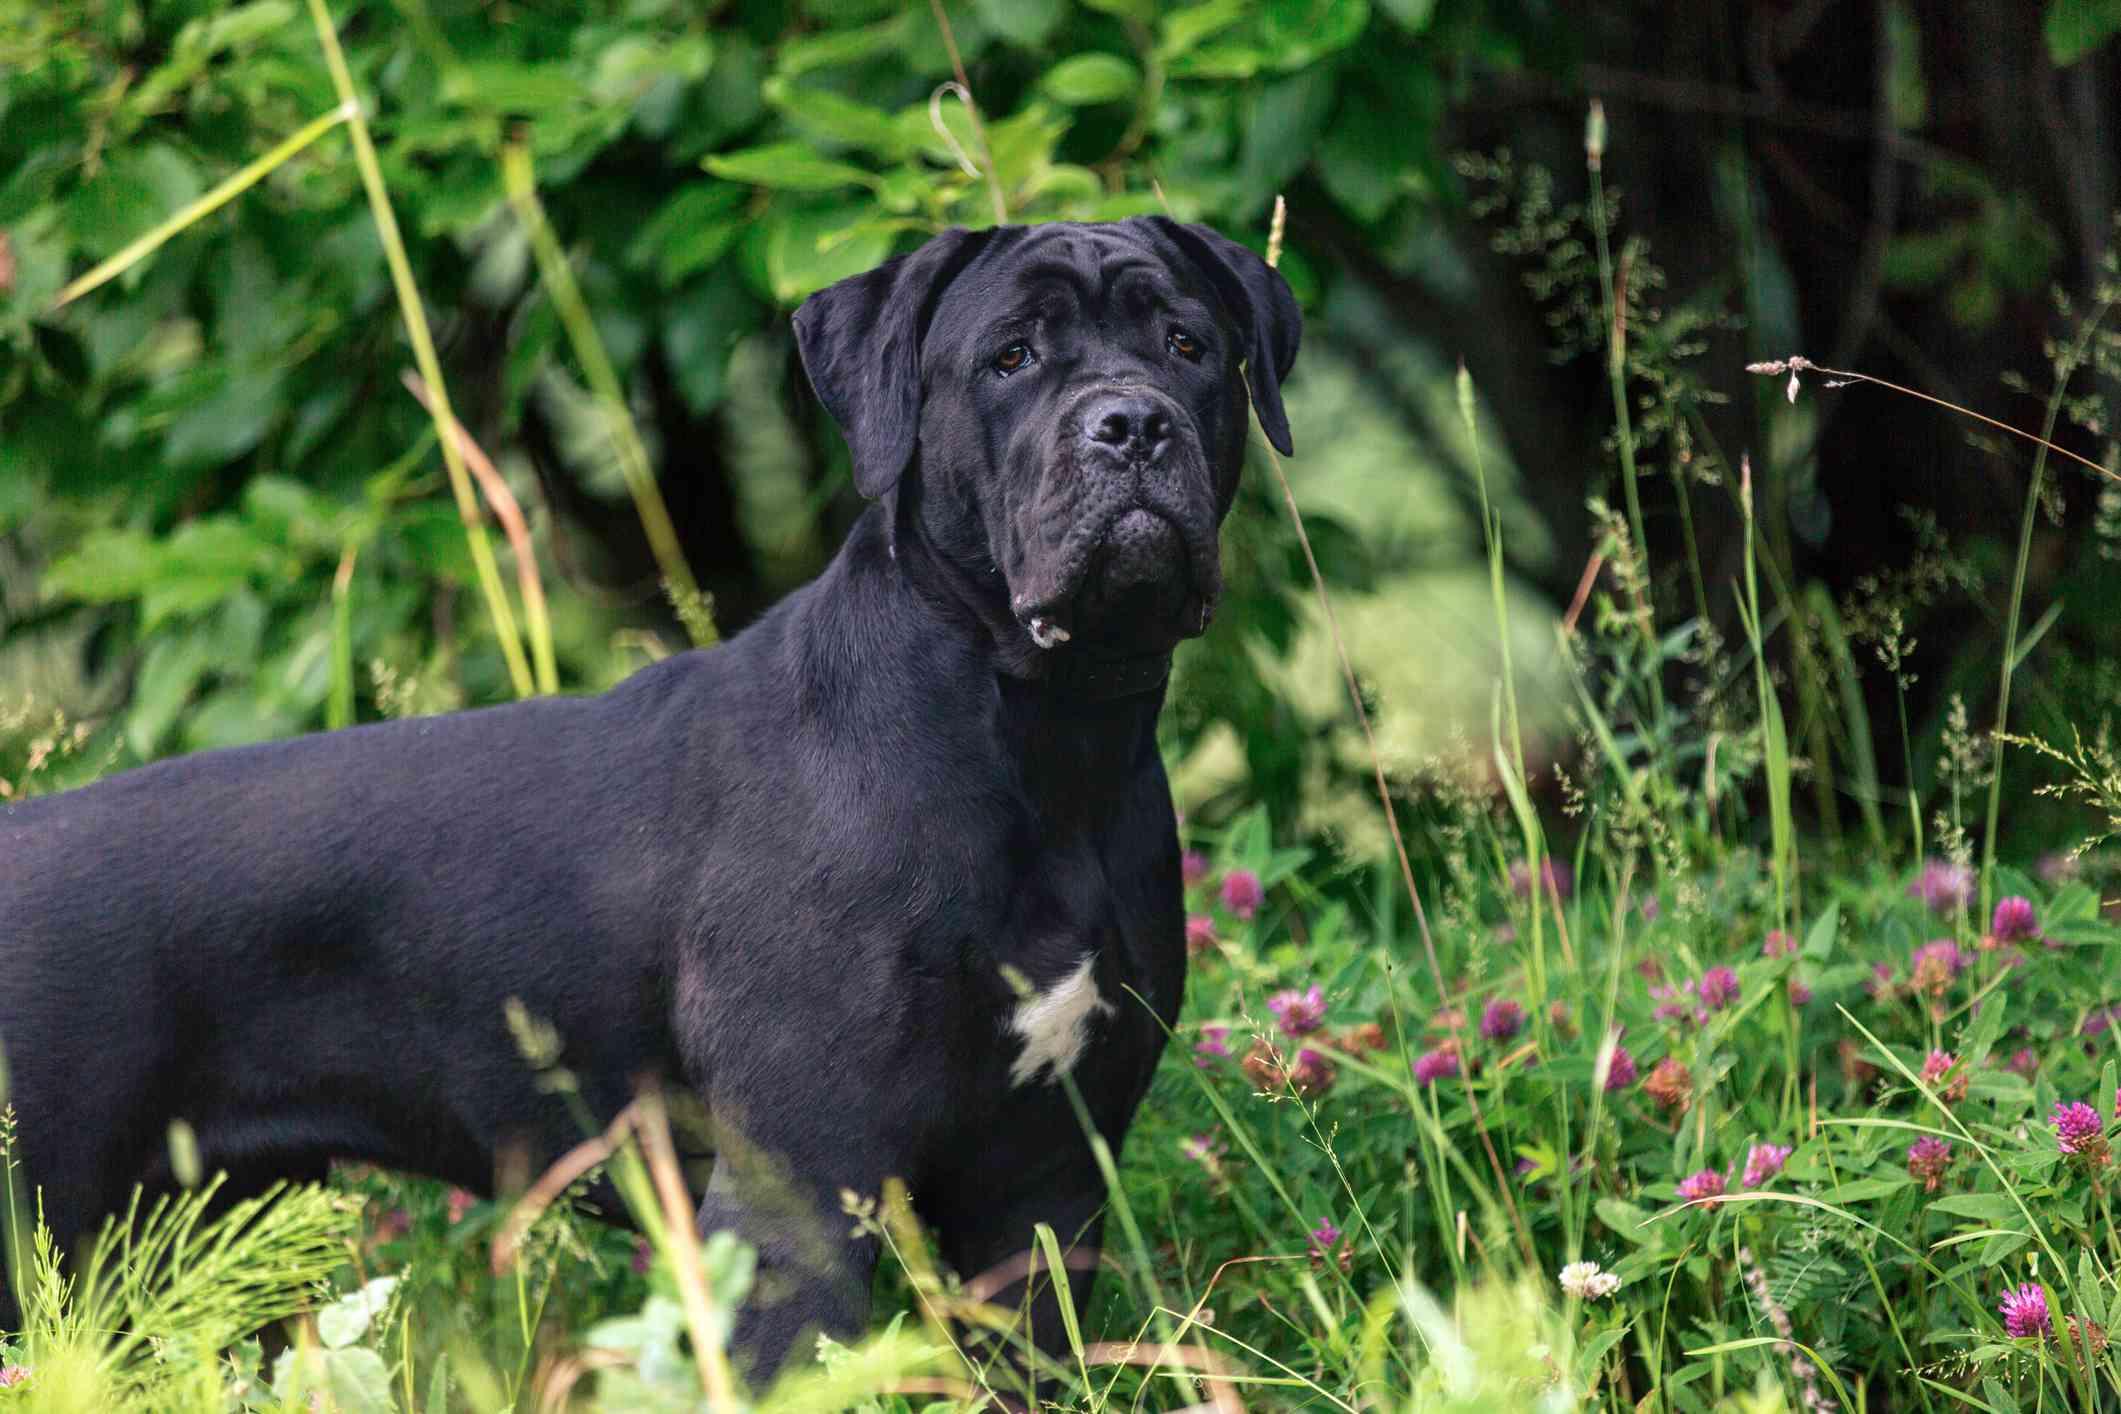 Black Cane Corso standig en hierba larga